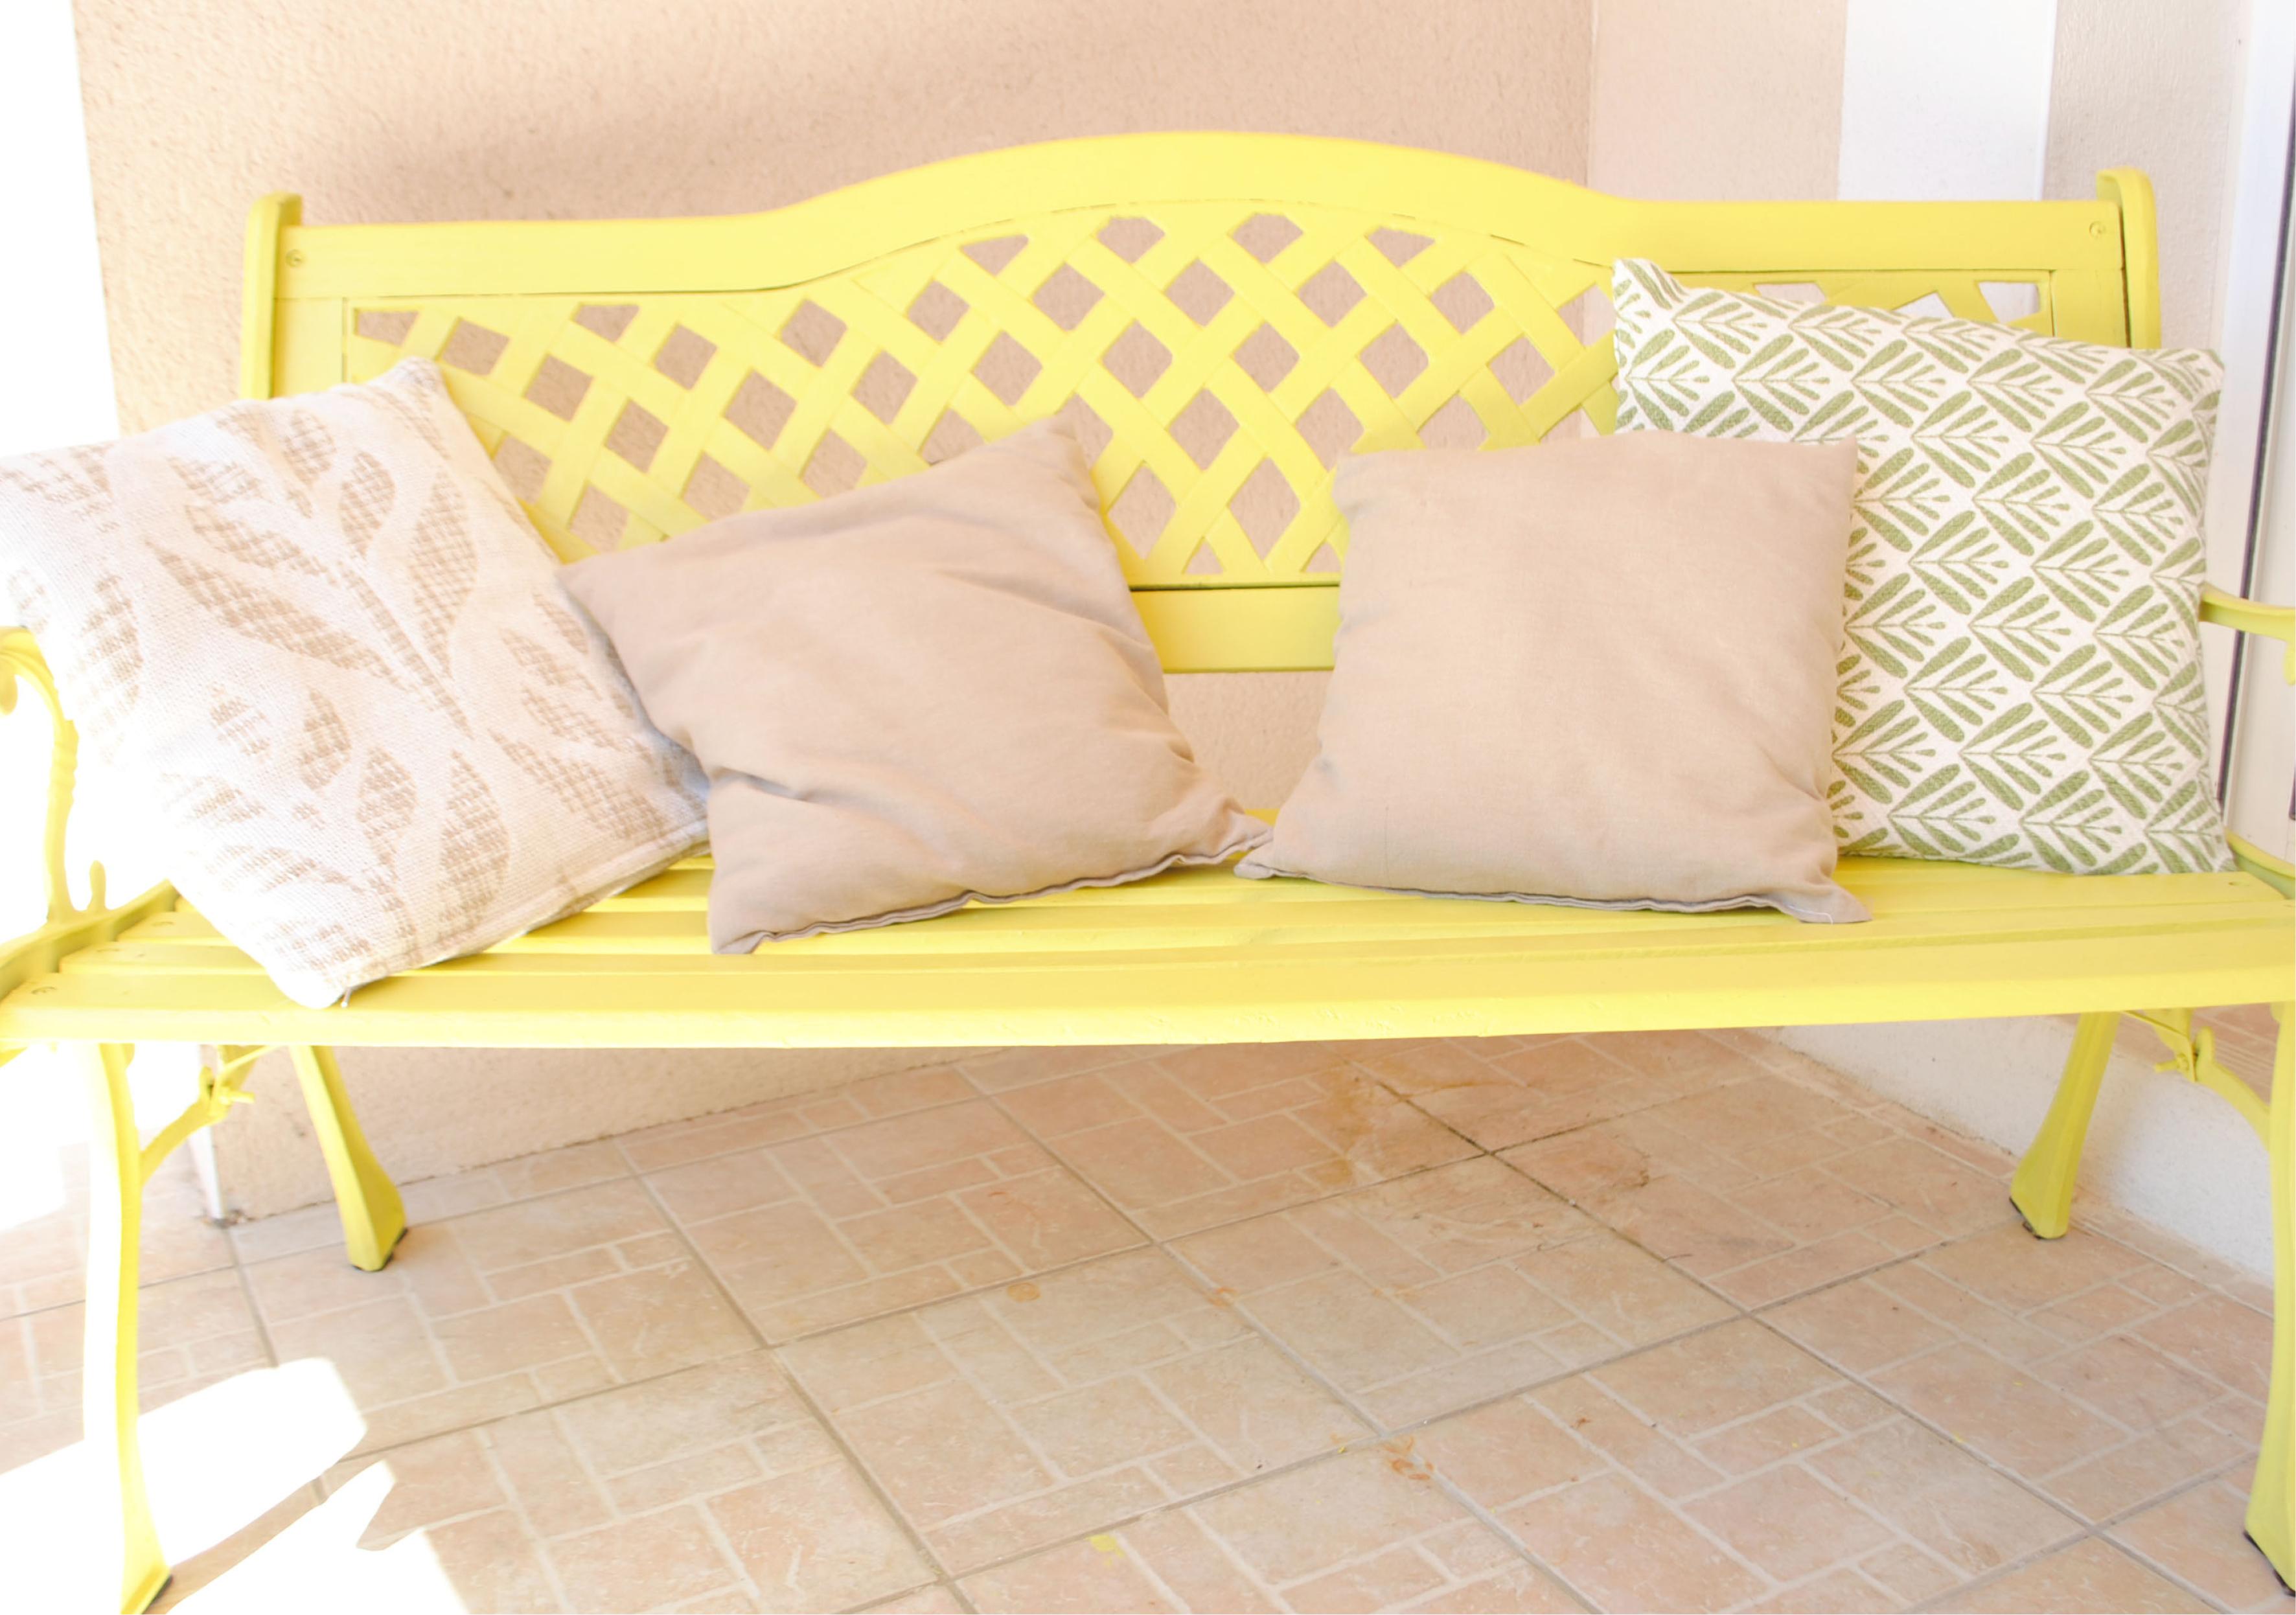 Restauration de mobilier banc tropical l'Atelier d'Elisa